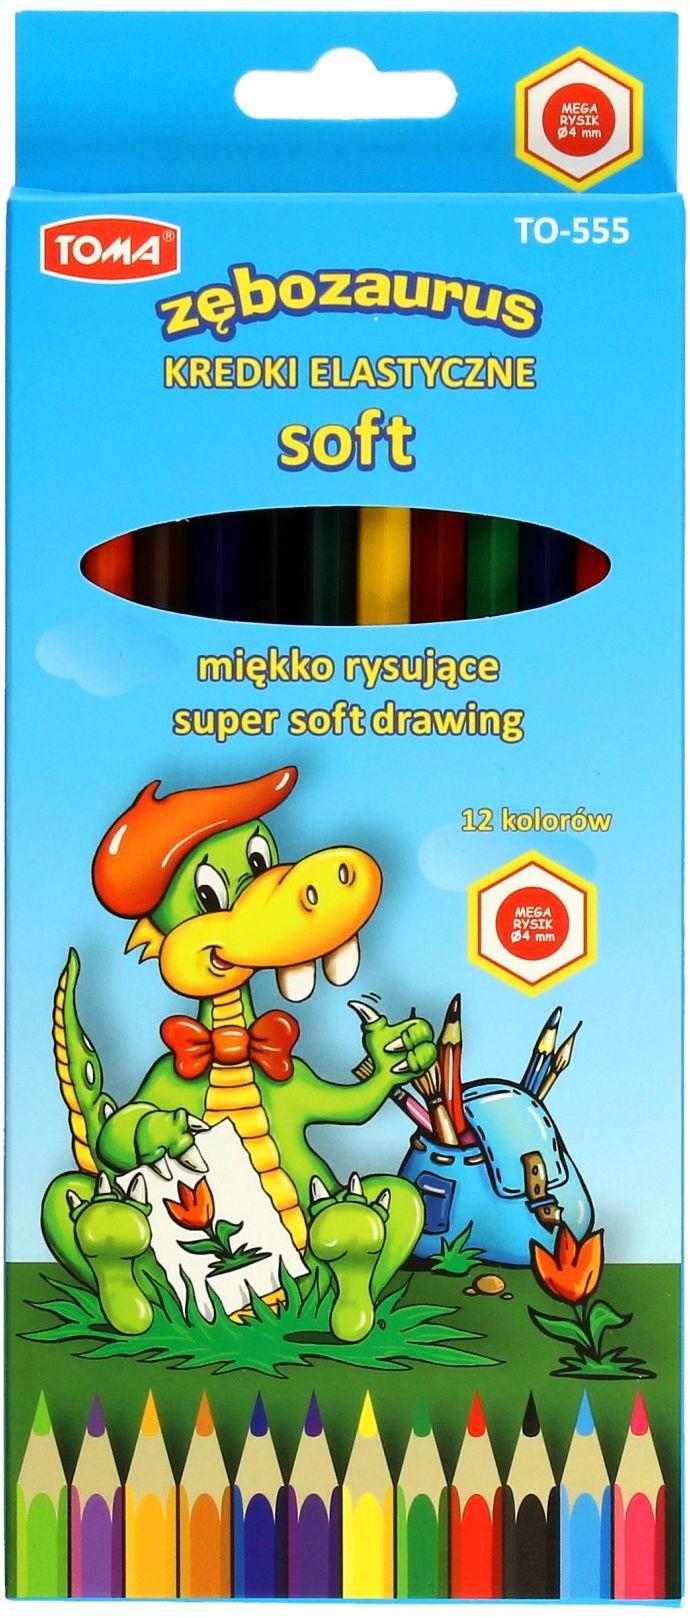 Kredki ołówkowe 12kol elastyczne Zębozaurus Soft